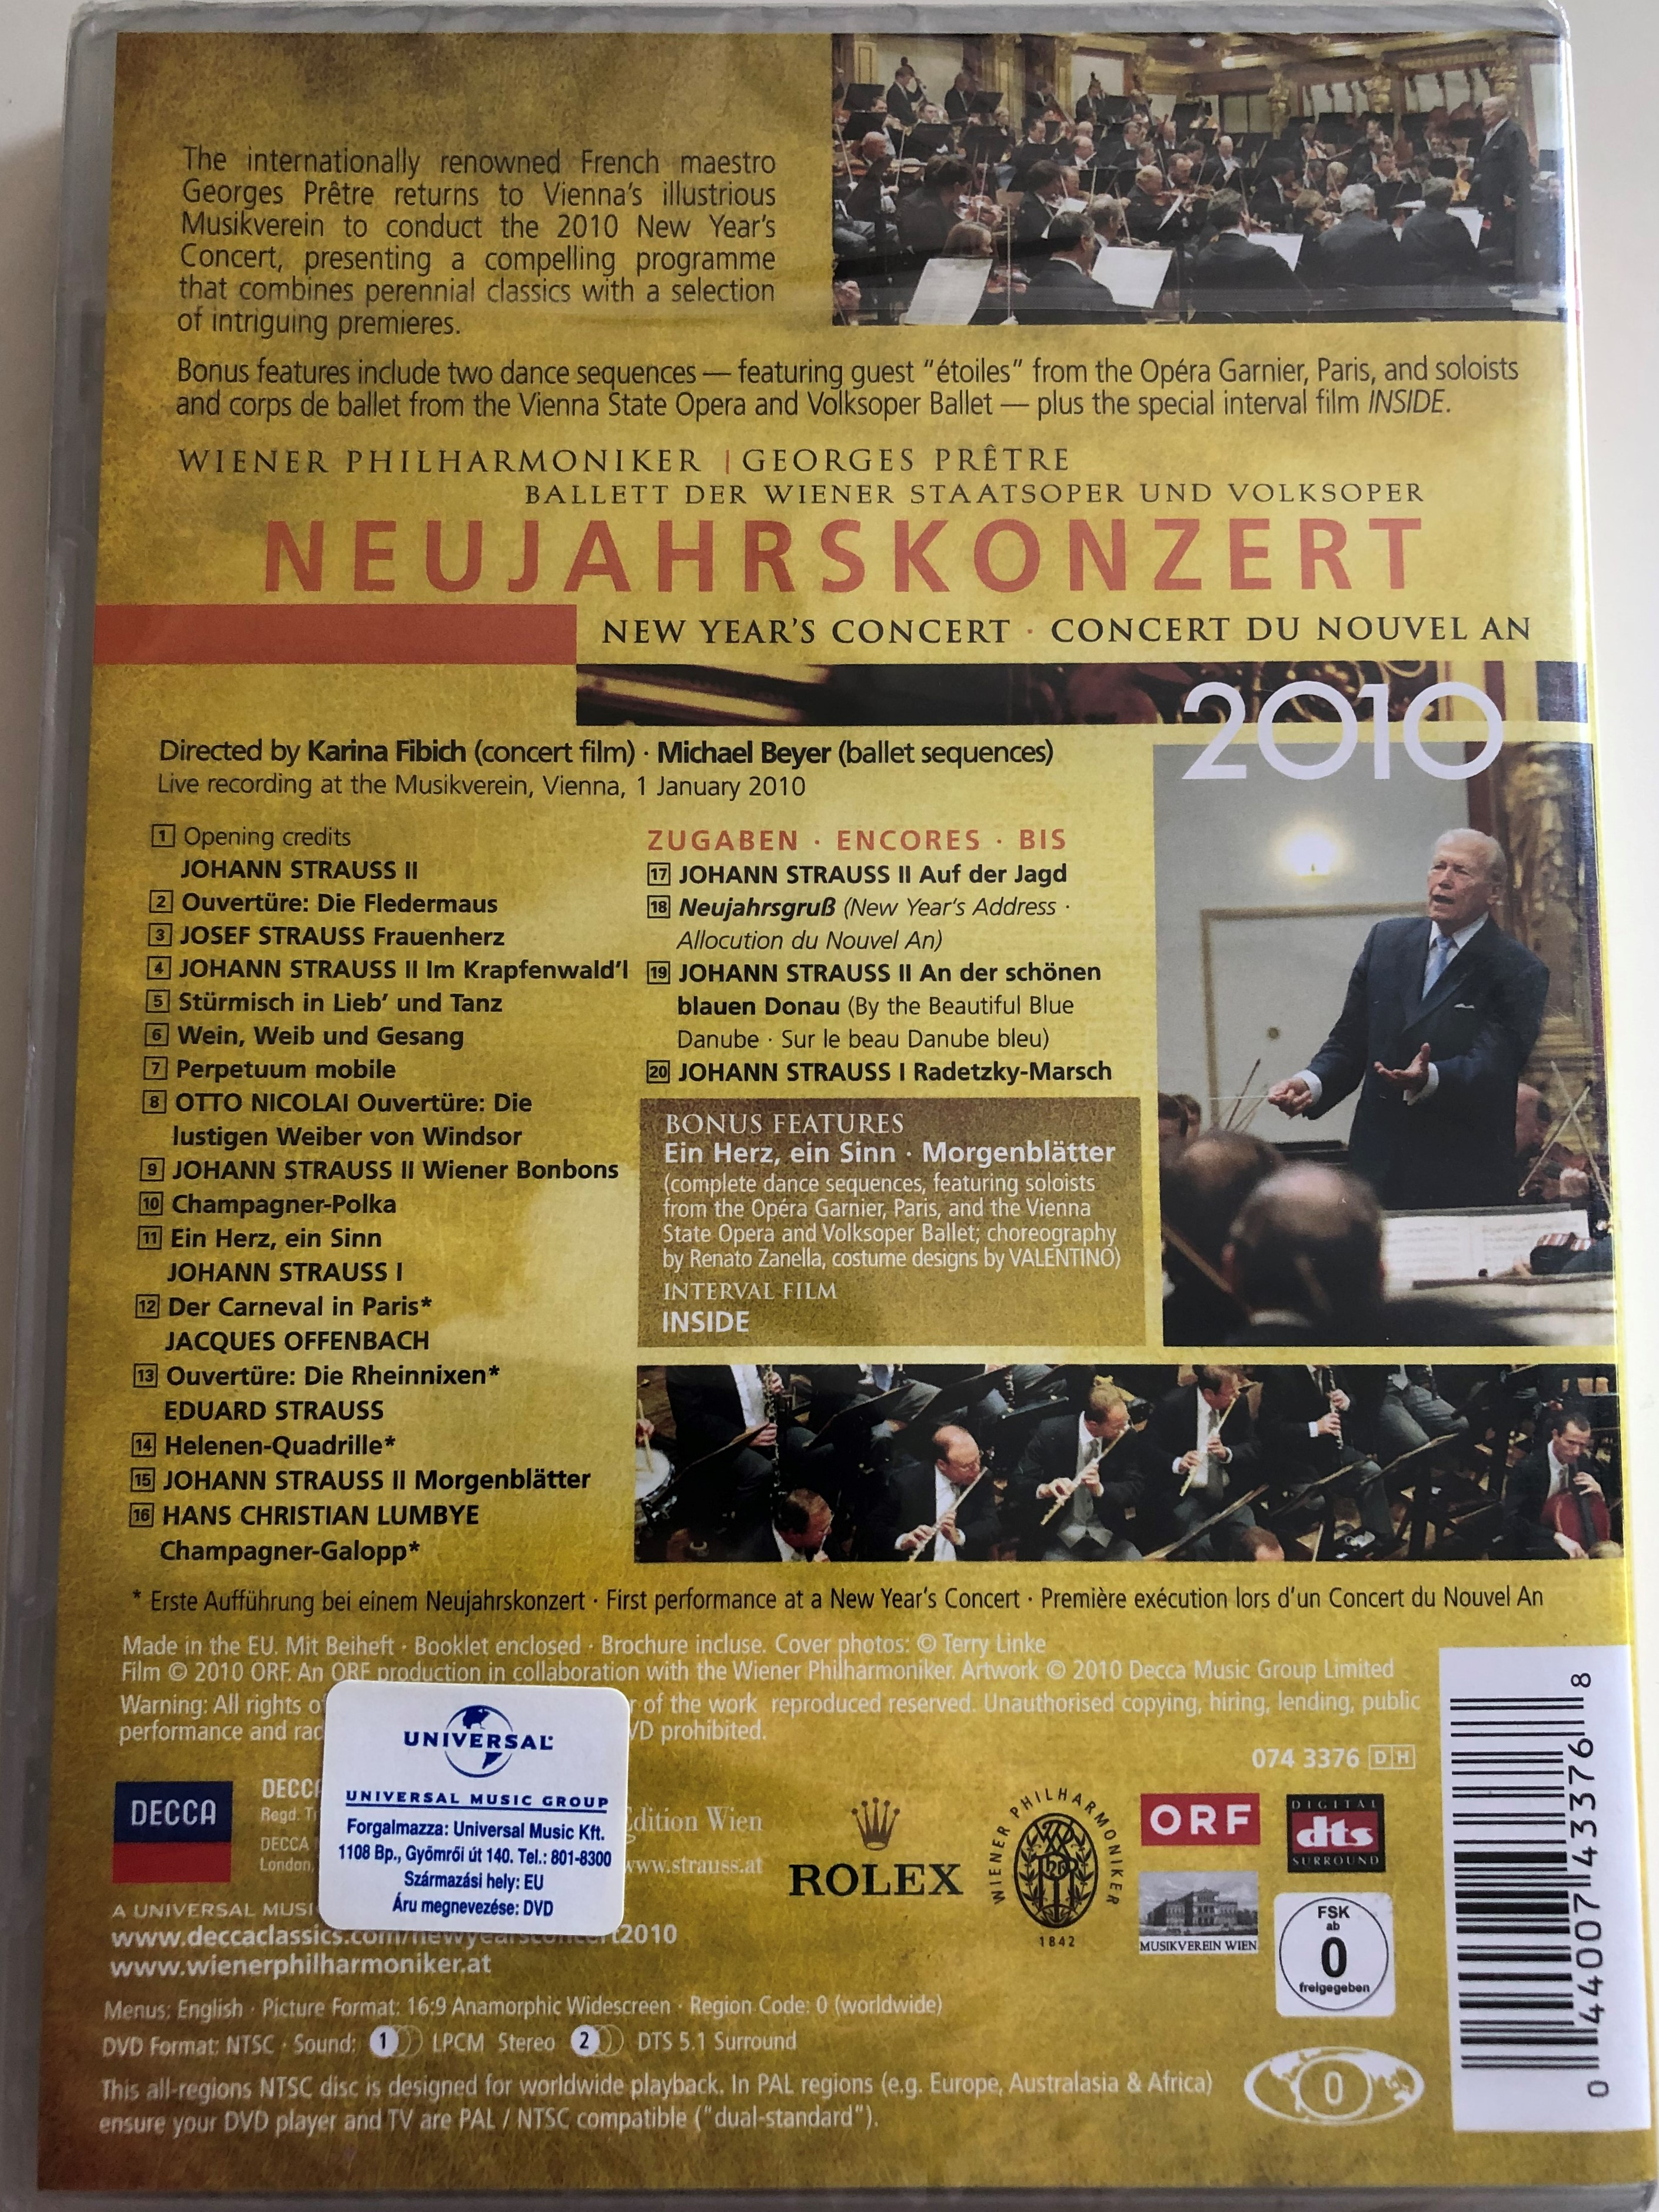 georges-pretre-wiener-philharmoniker-neujahrskonzert-2010-dvd-new-year-s-concert-live-from-vienna-decca-074-3376-2-.jpg